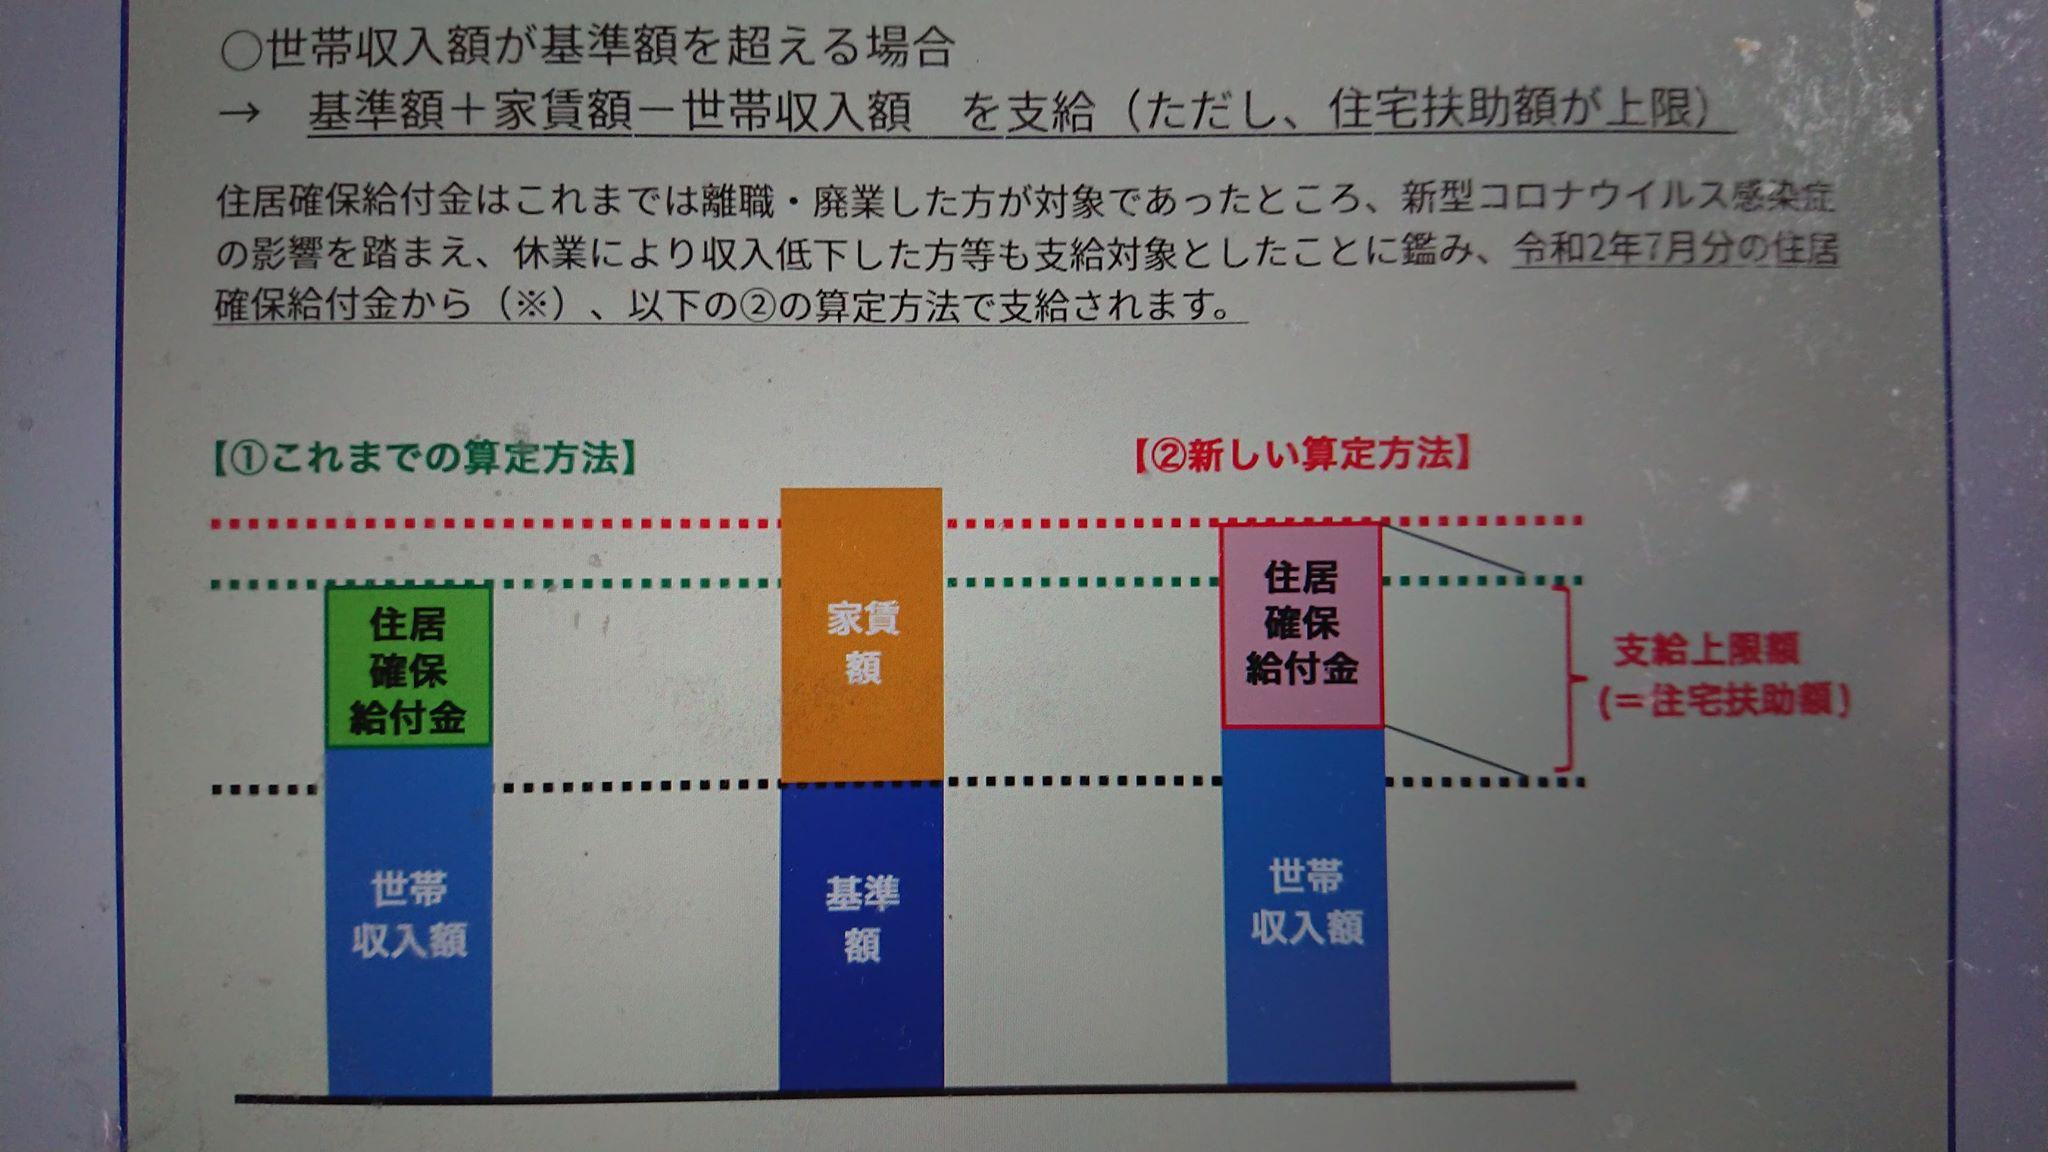 住居確保給付金【続報】(新型コロナ対策その28)資料